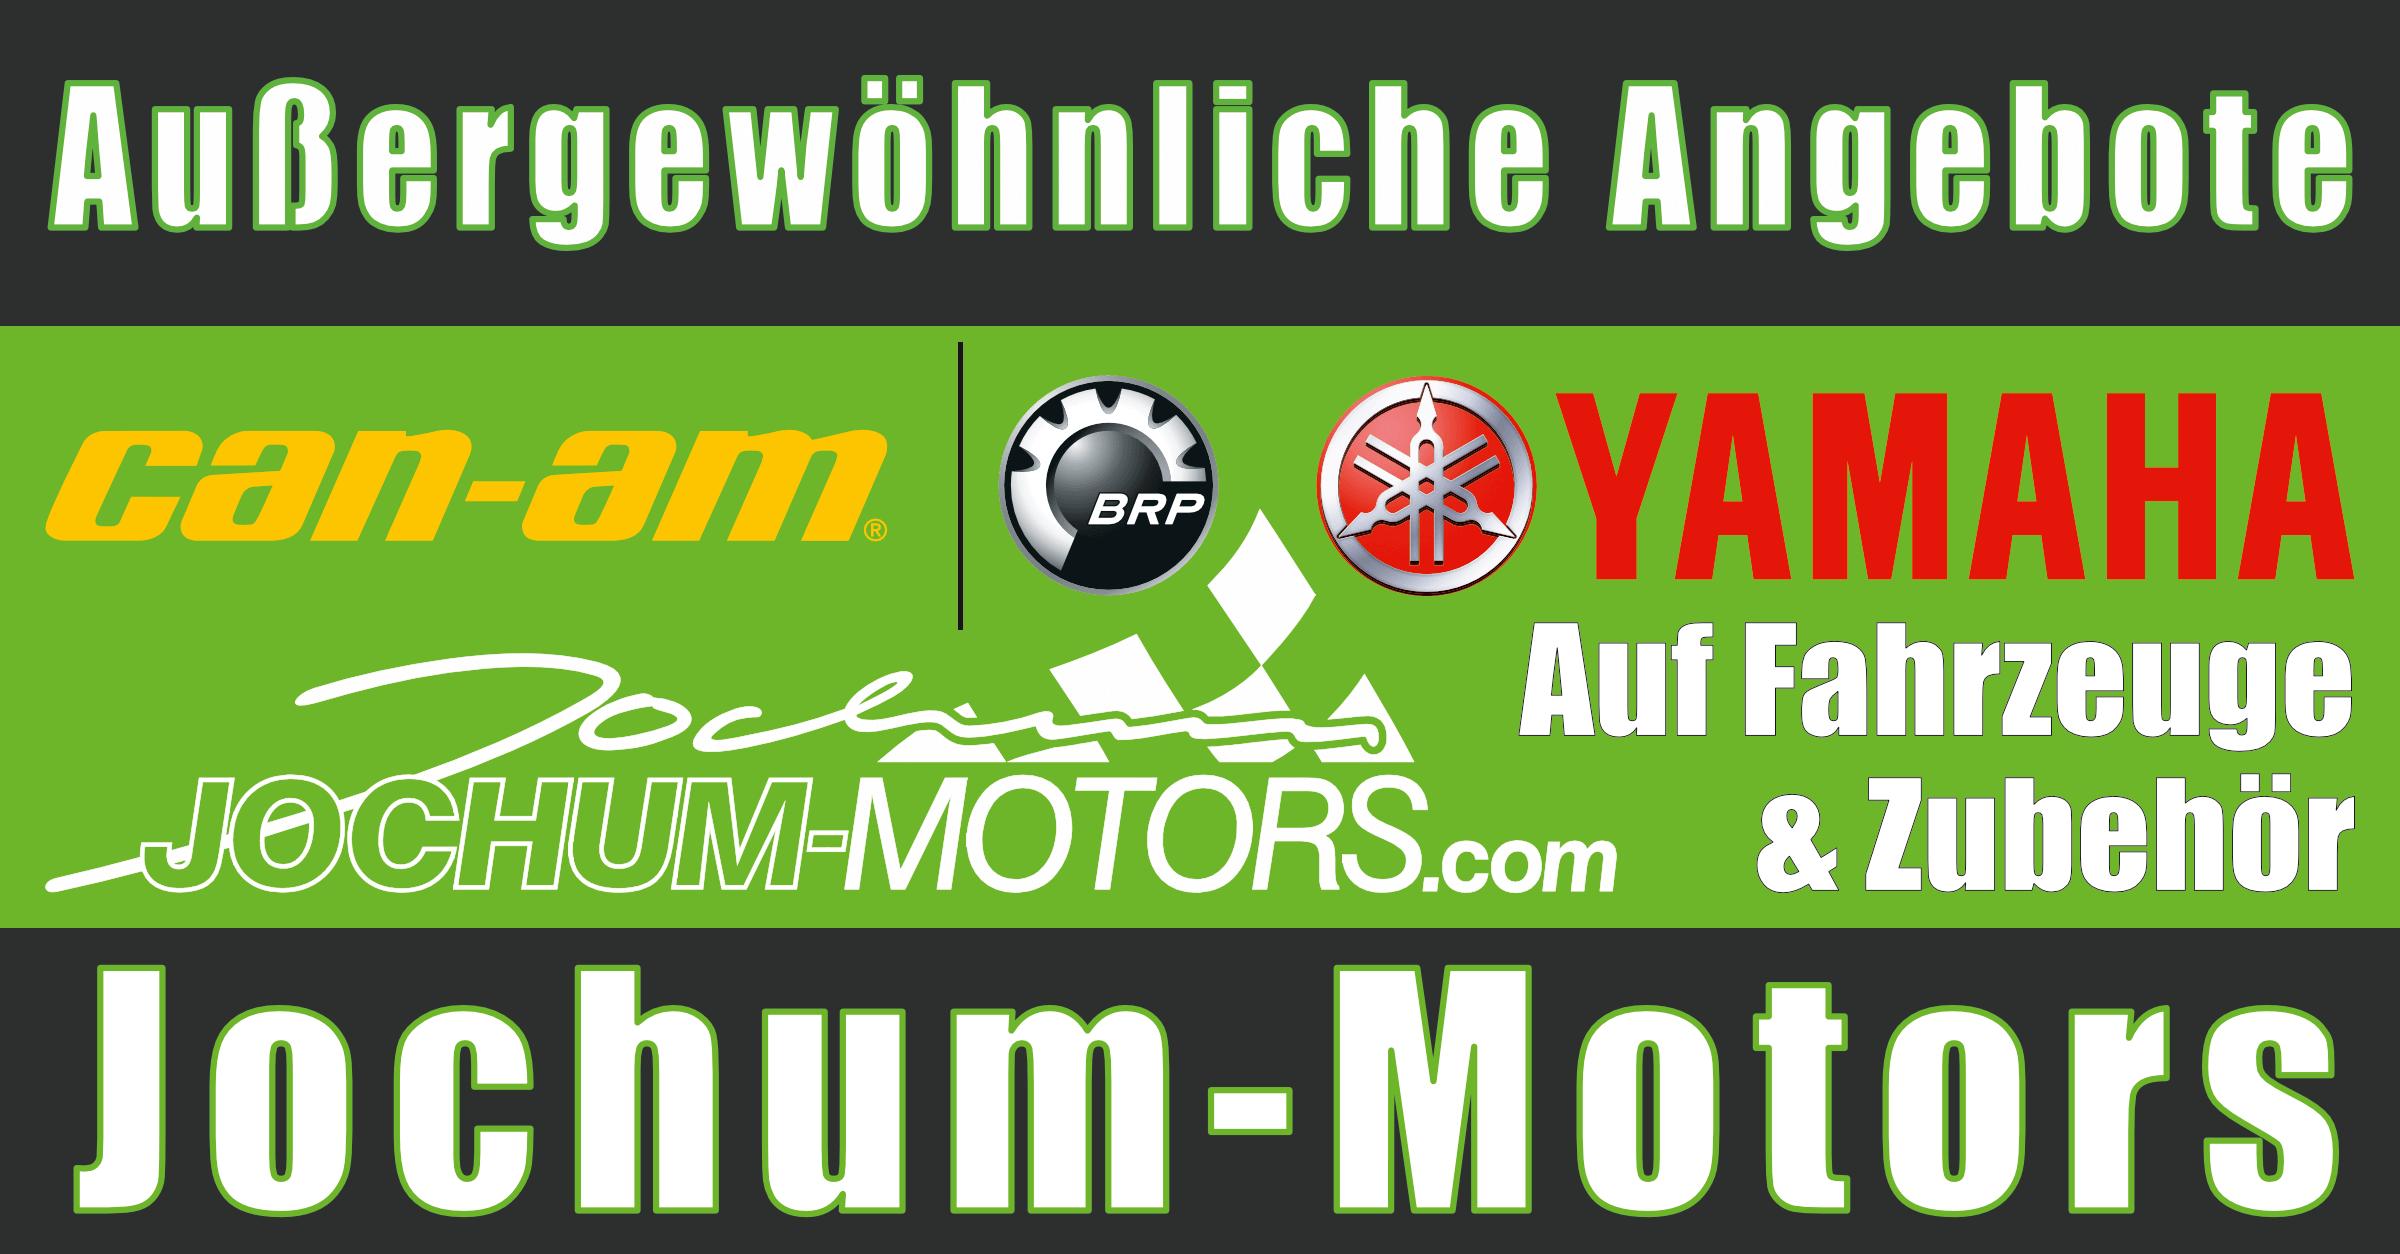 Kurz- und langfristige Angebote der Marken Can-Am (BRP) und Yamaha